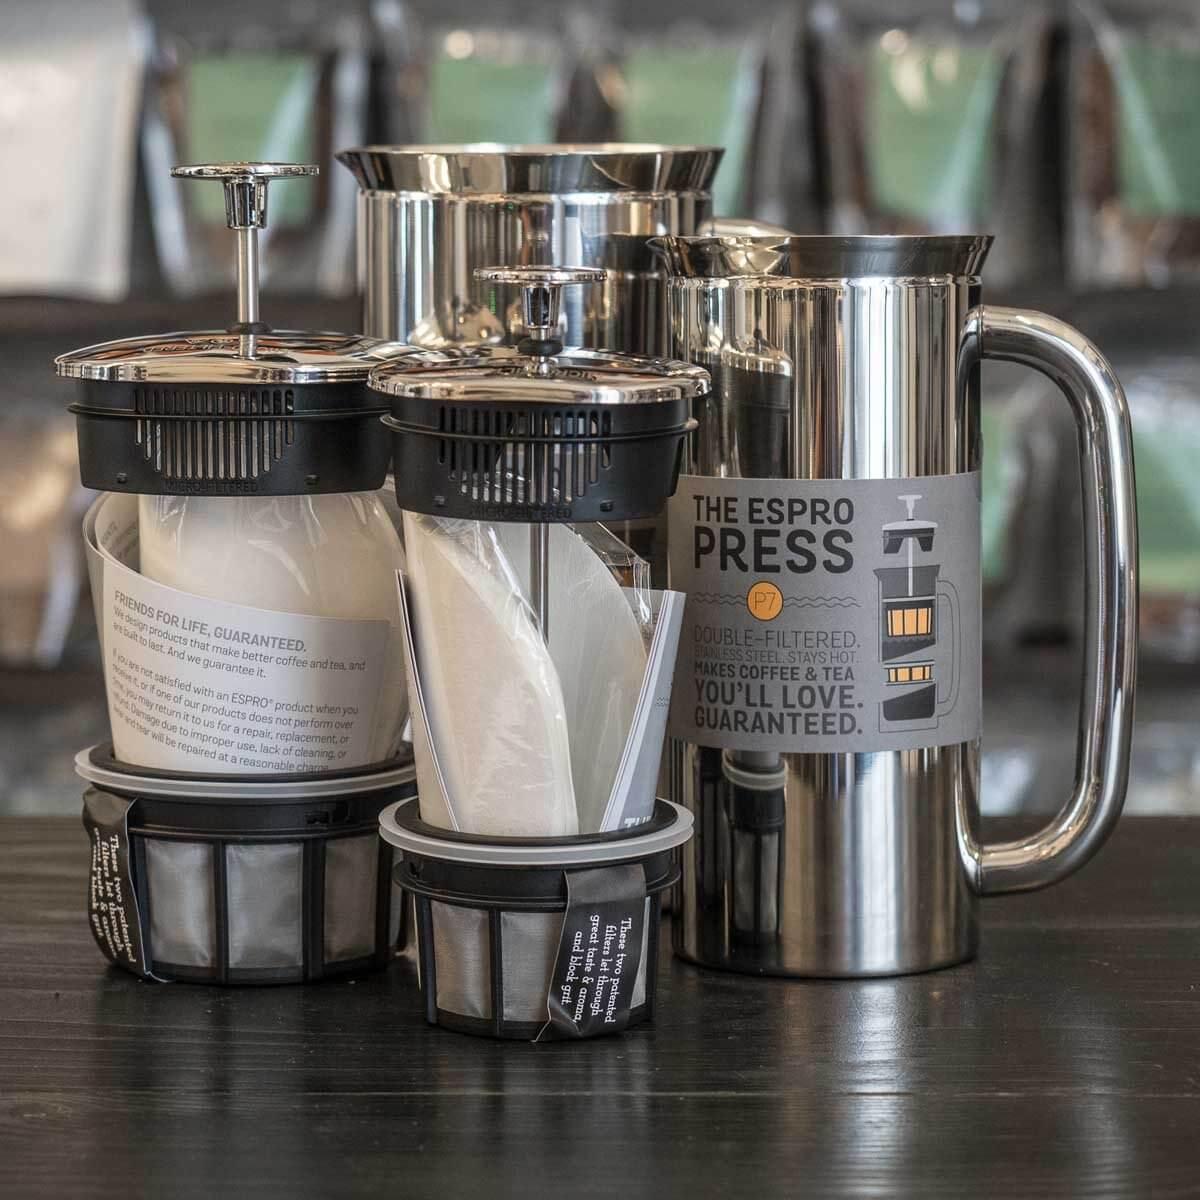 Espro P7 Stemplekande Blankpoleret Stl Press Medium 530ml Stempelkande 02